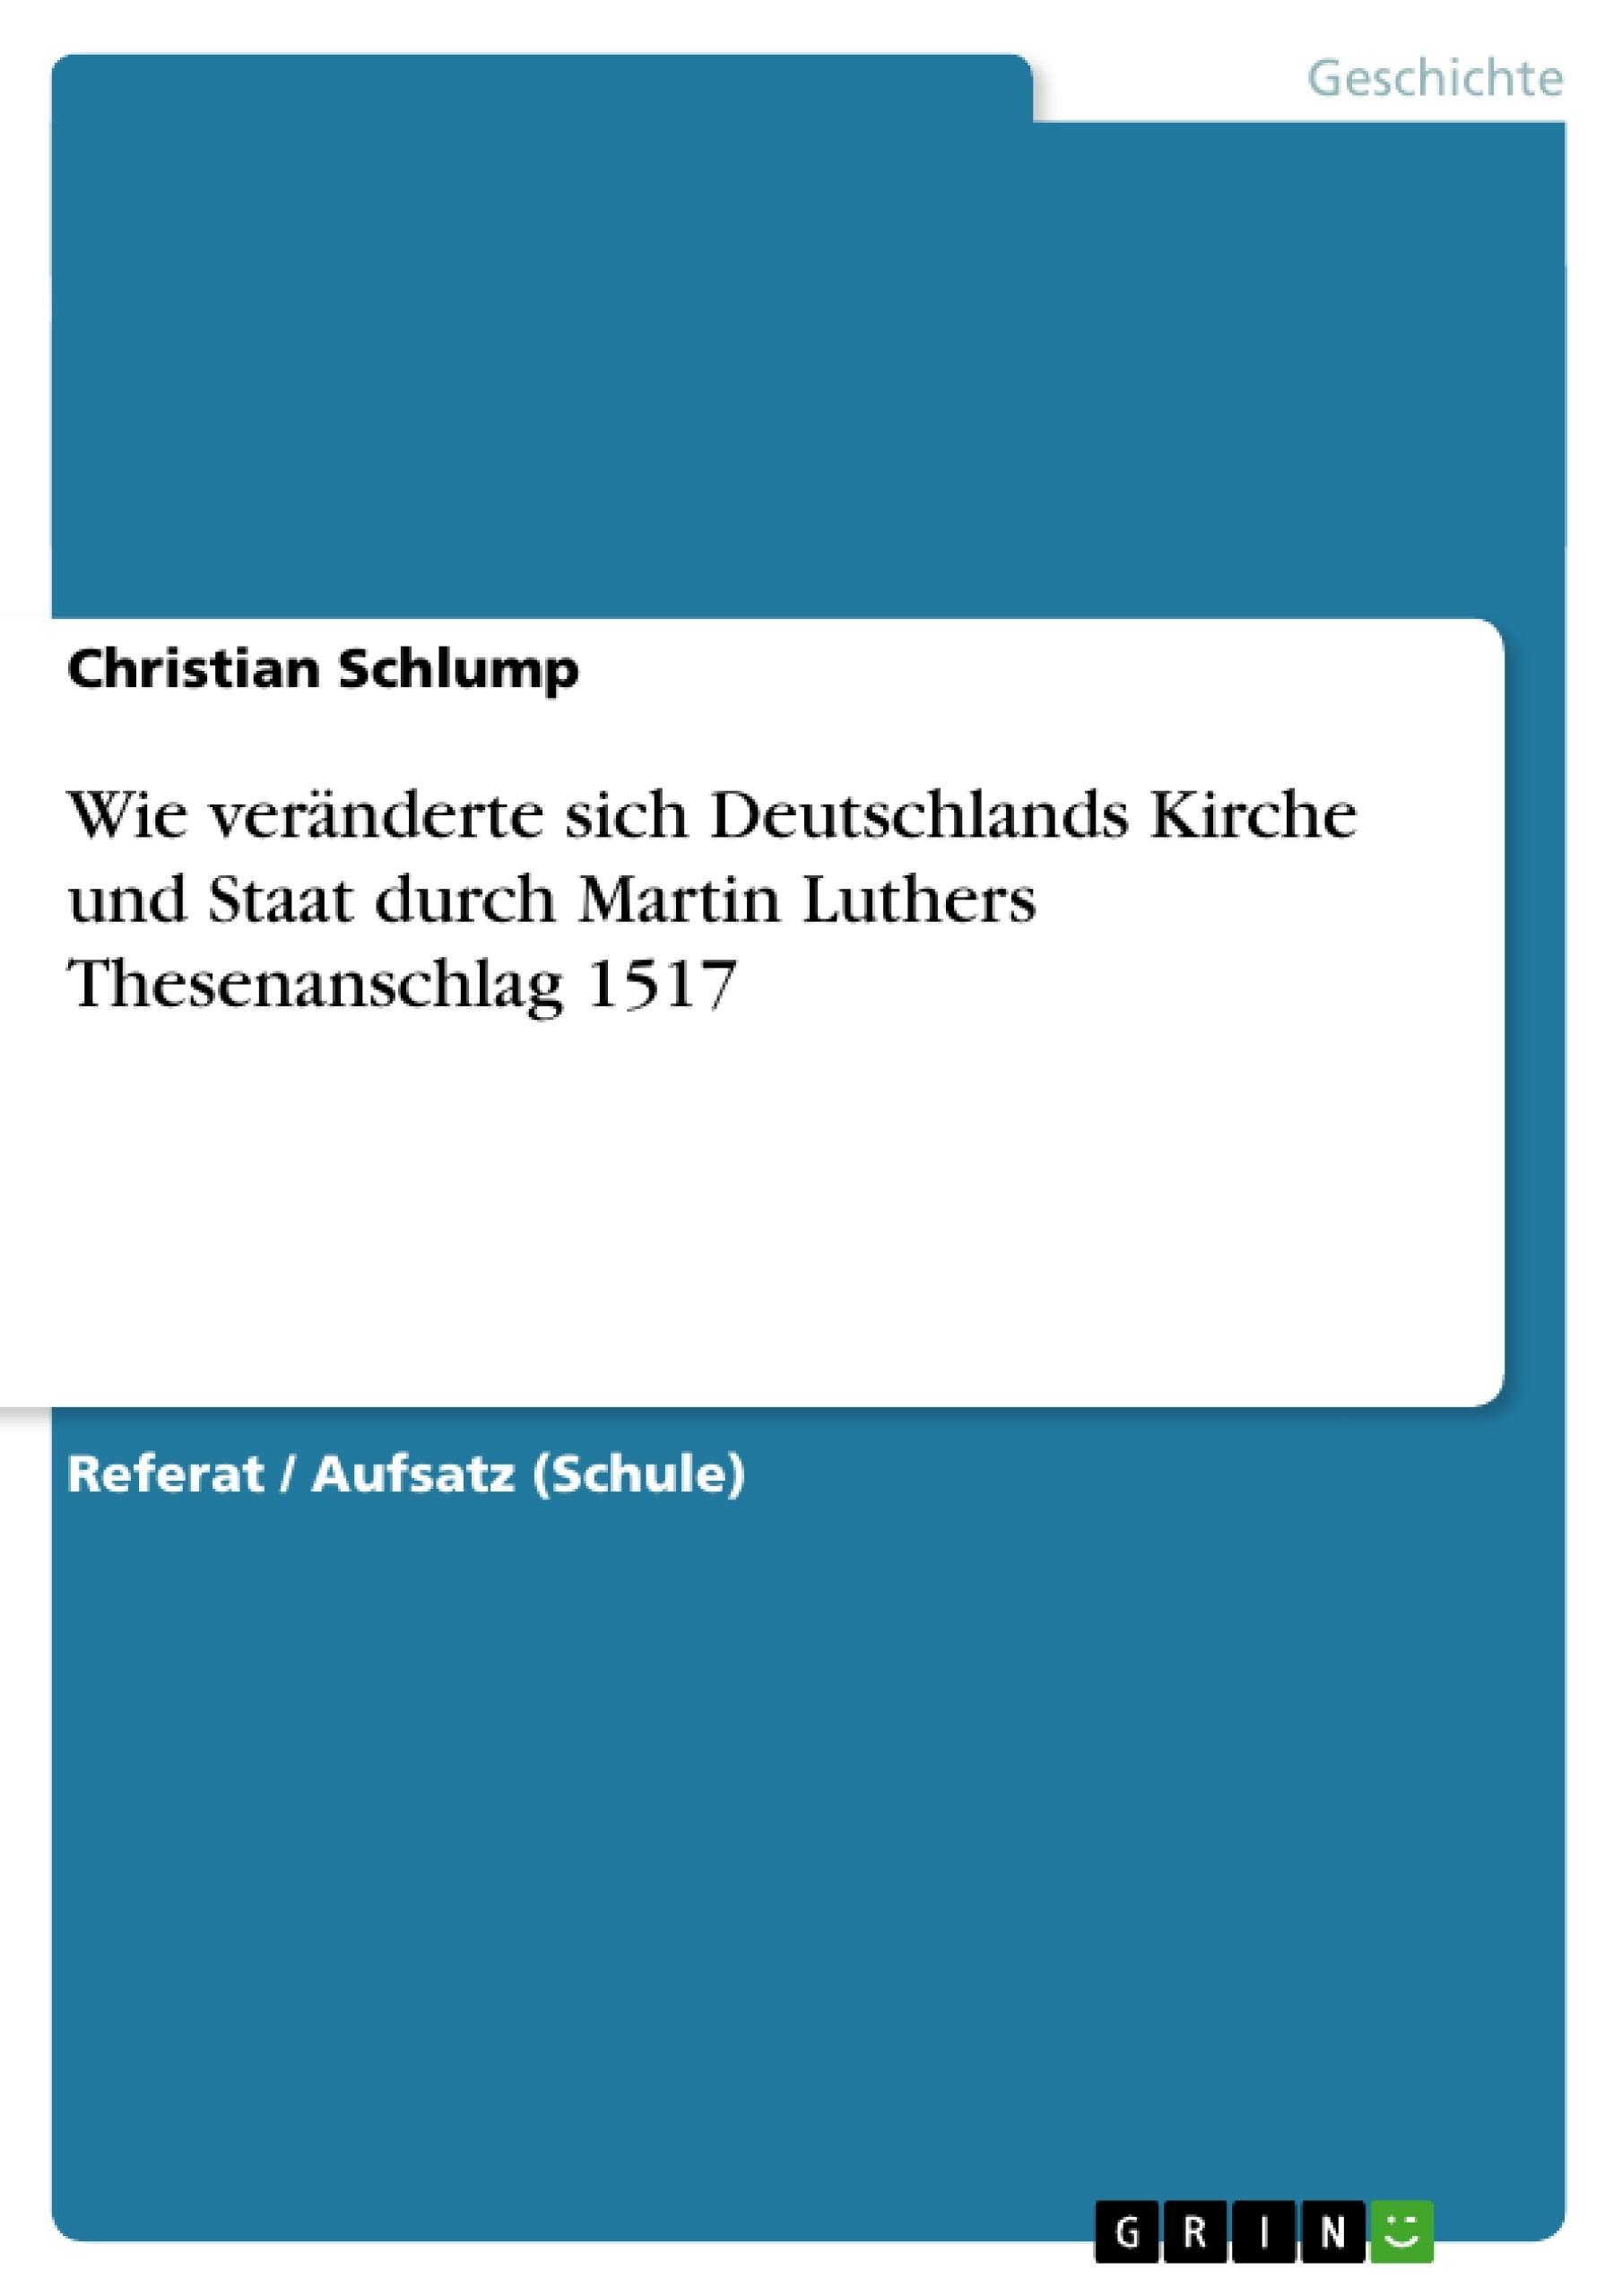 Titel: Wie veränderte sich Deutschlands Kirche und Staat durch Martin Luthers Thesenanschlag 1517